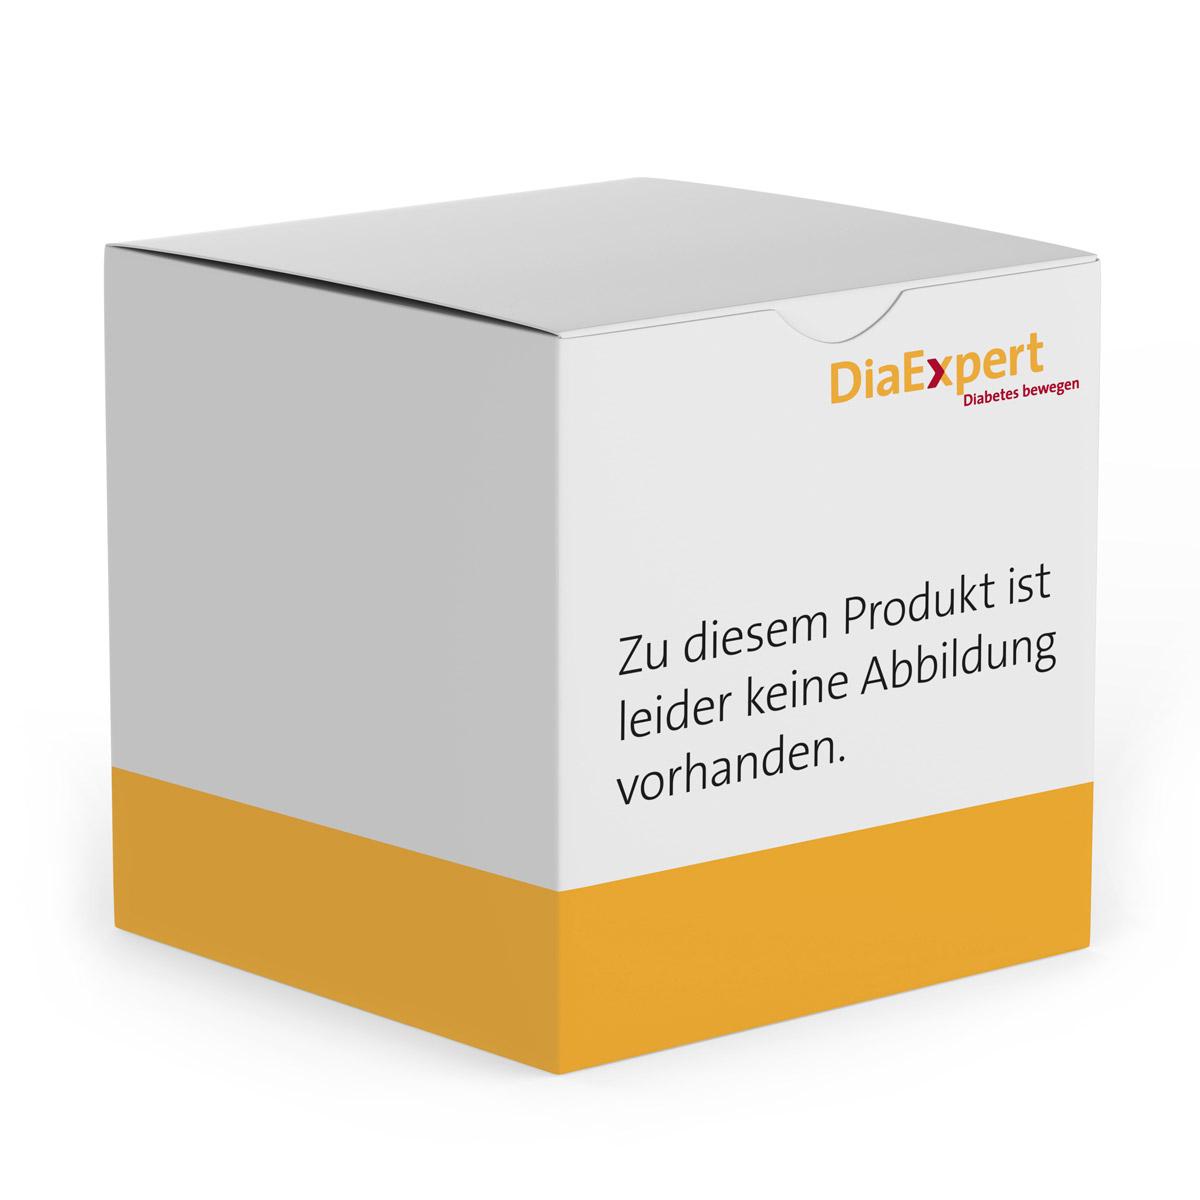 DiaExpert Monatsangebot